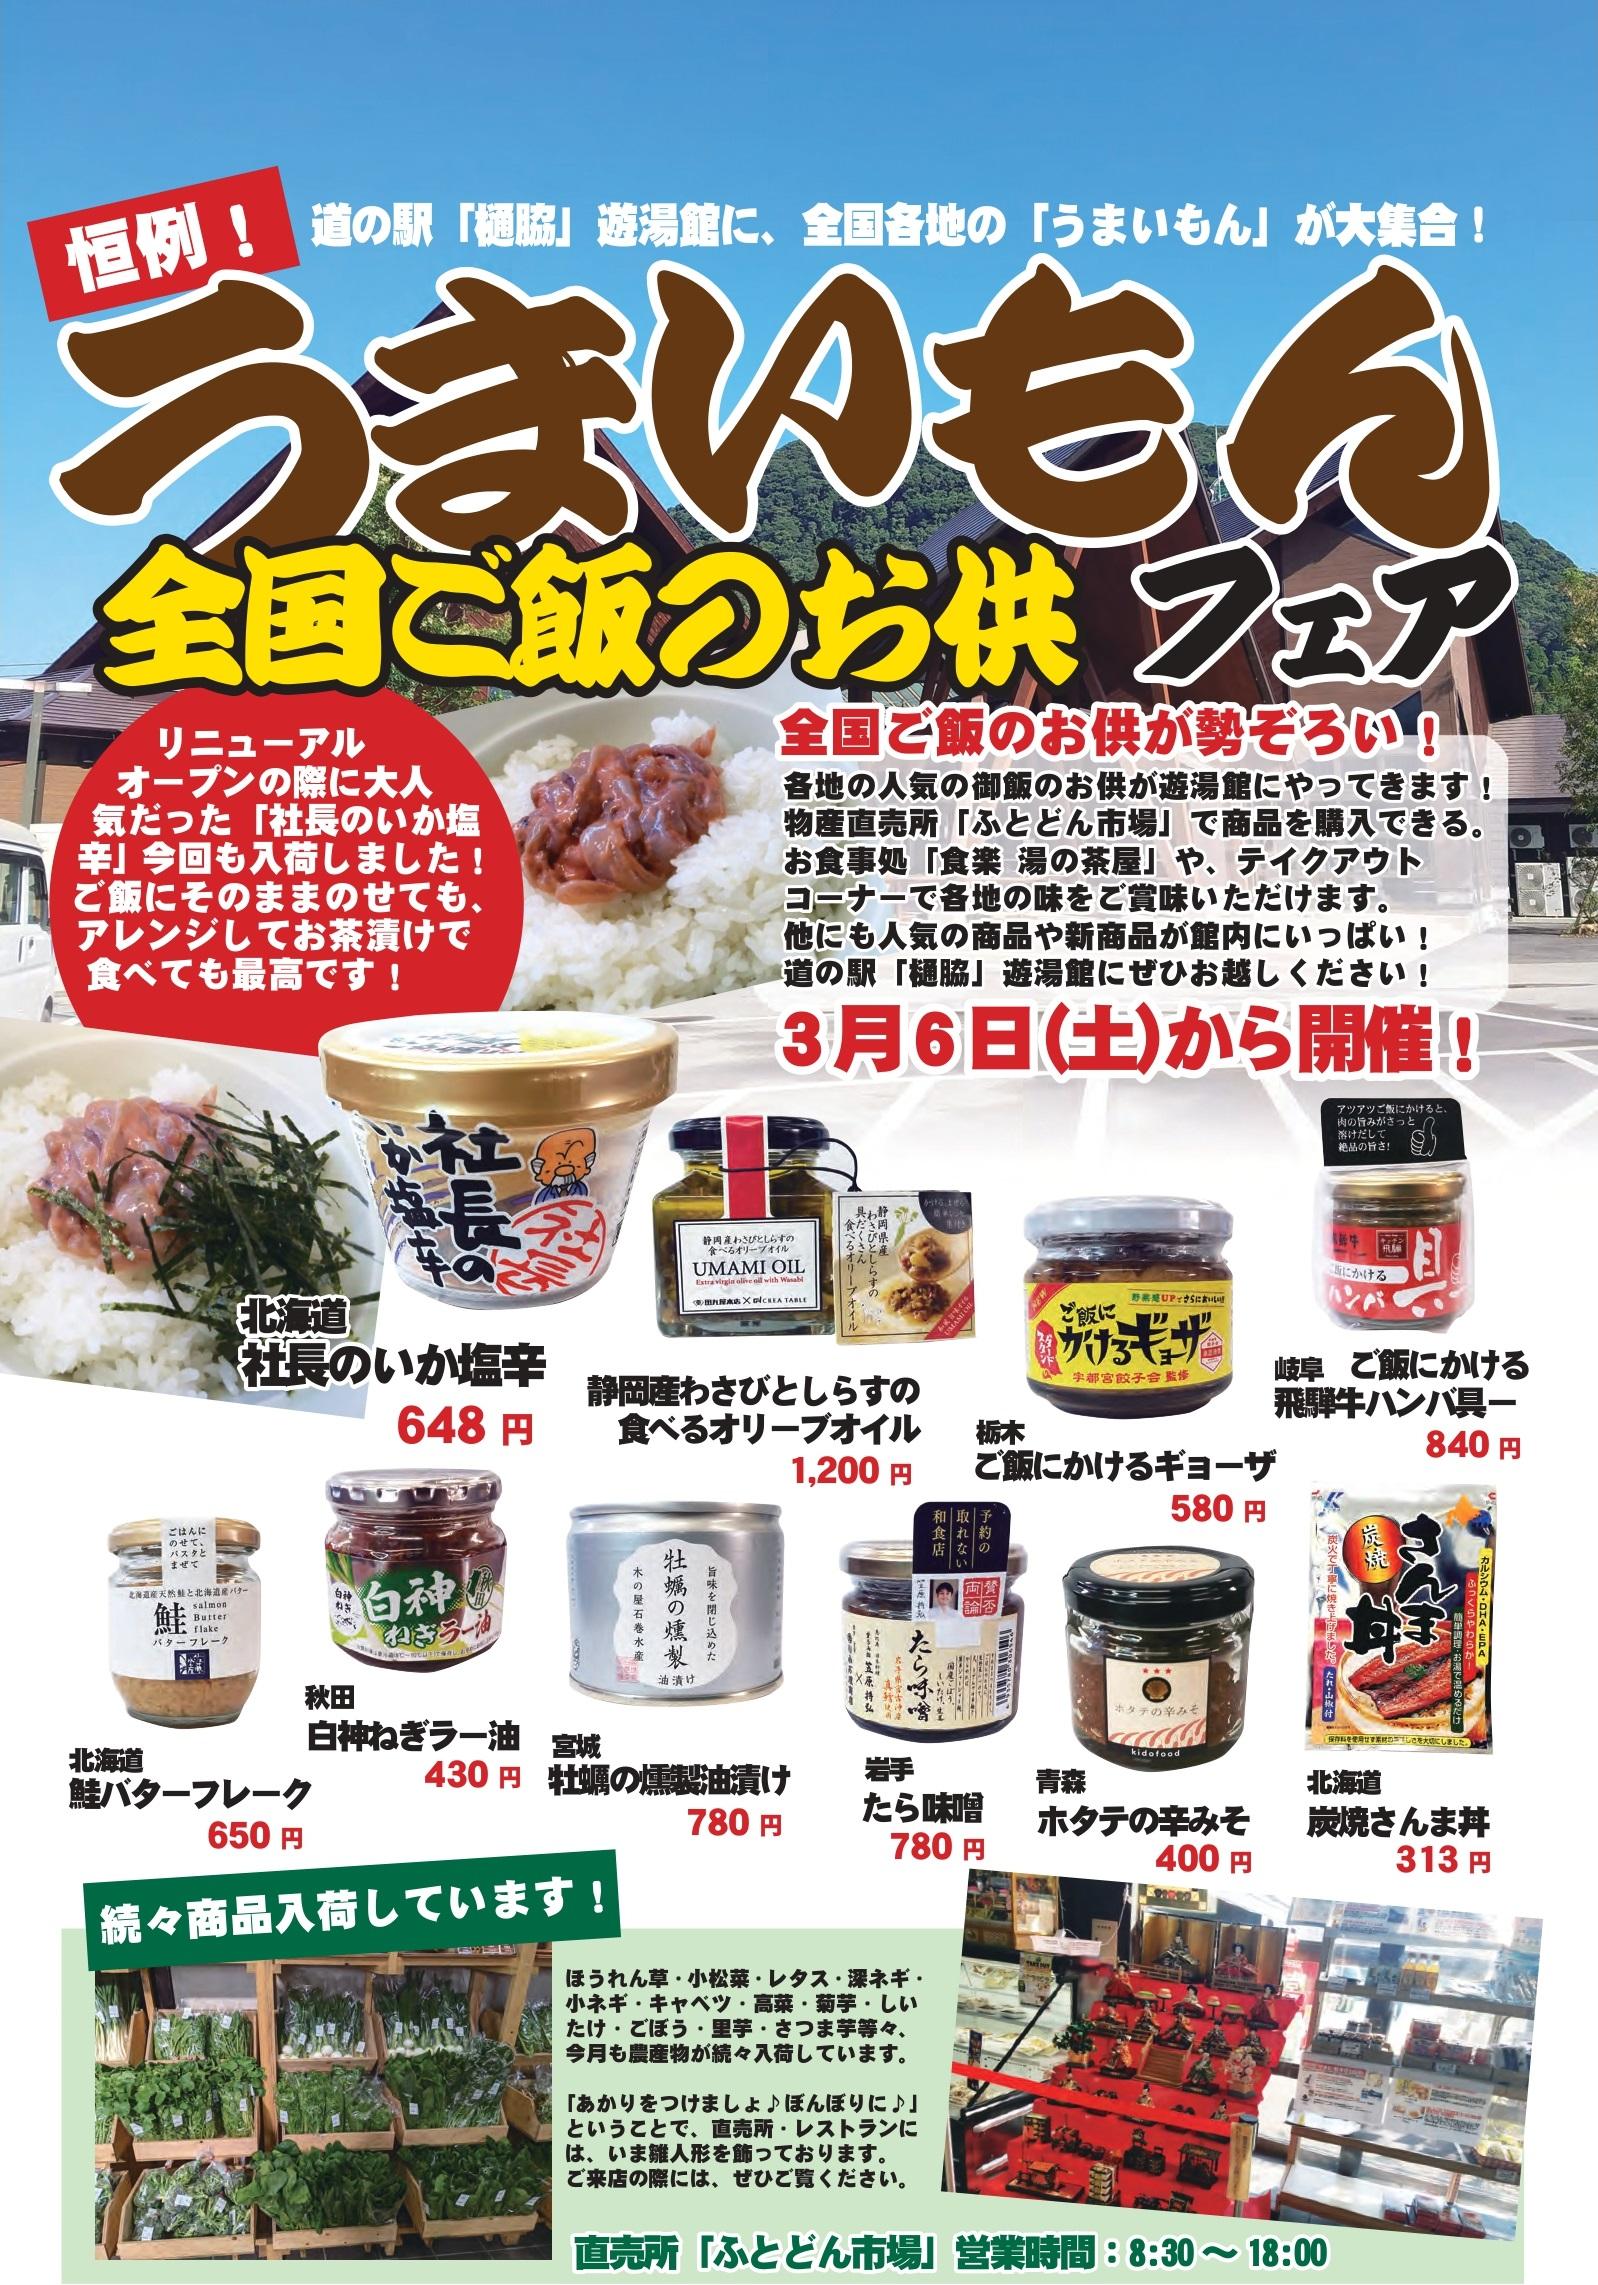 【道の駅「樋脇」遊湯館】うまいもんフェア 全国ご飯のお供フェア